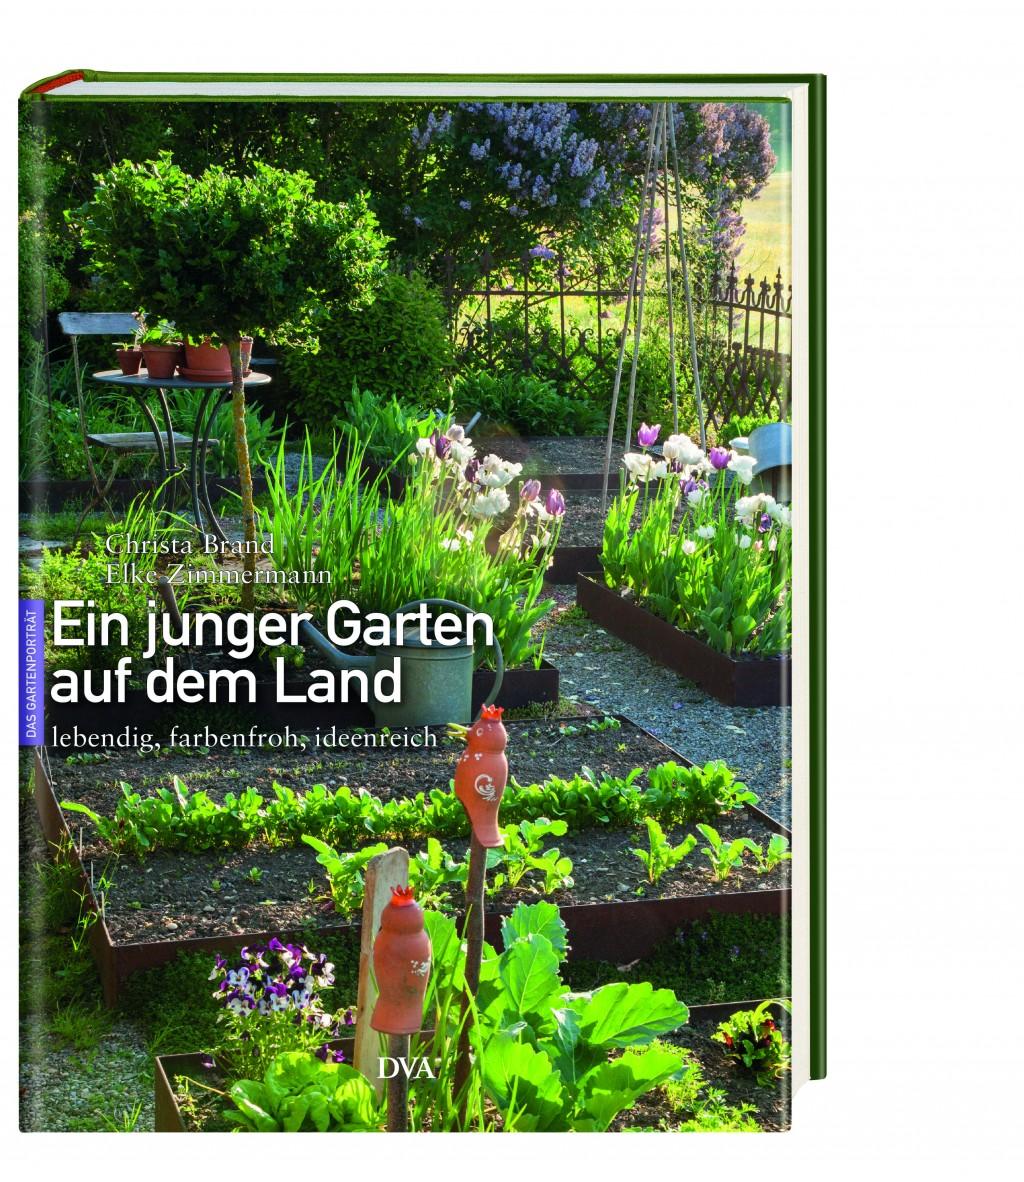 Aus dem Buch »Ein junger Garten auf dem Land« von Christa Brand, Elke Zimmermann, © DVA.